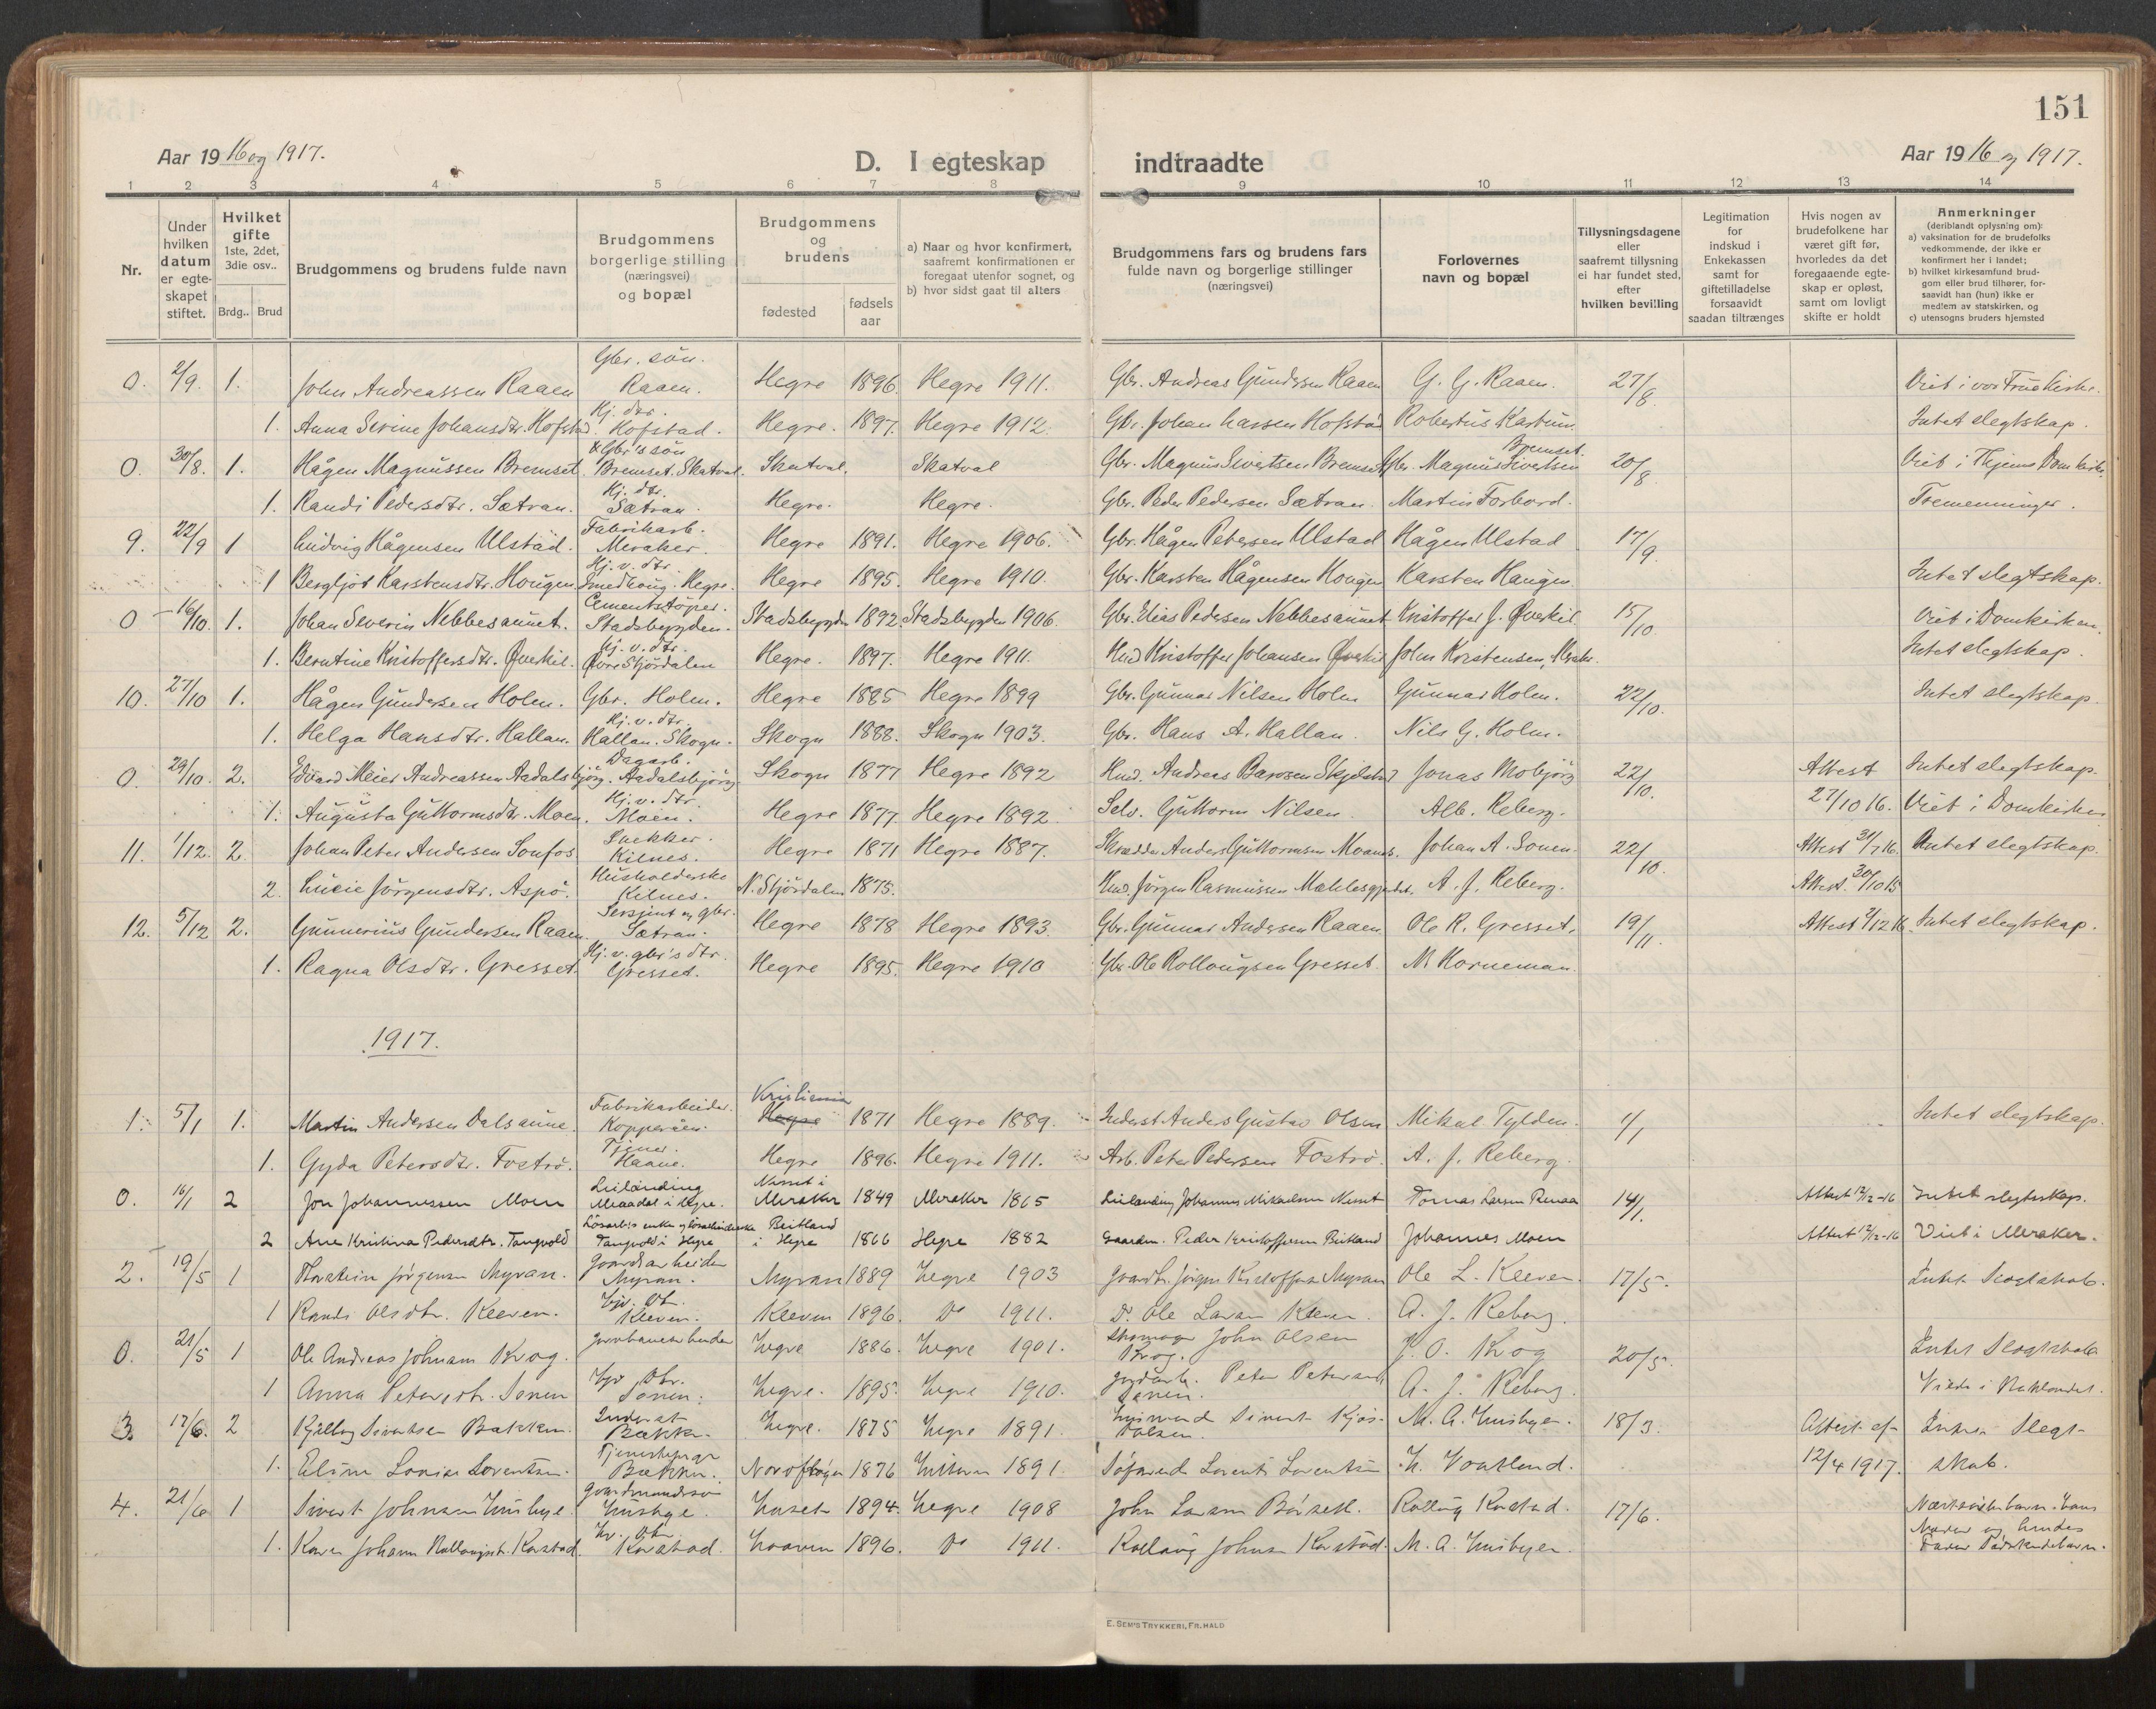 SAT, Ministerialprotokoller, klokkerbøker og fødselsregistre - Nord-Trøndelag, 703/L0037: Parish register (official) no. 703A10, 1915-1932, p. 151